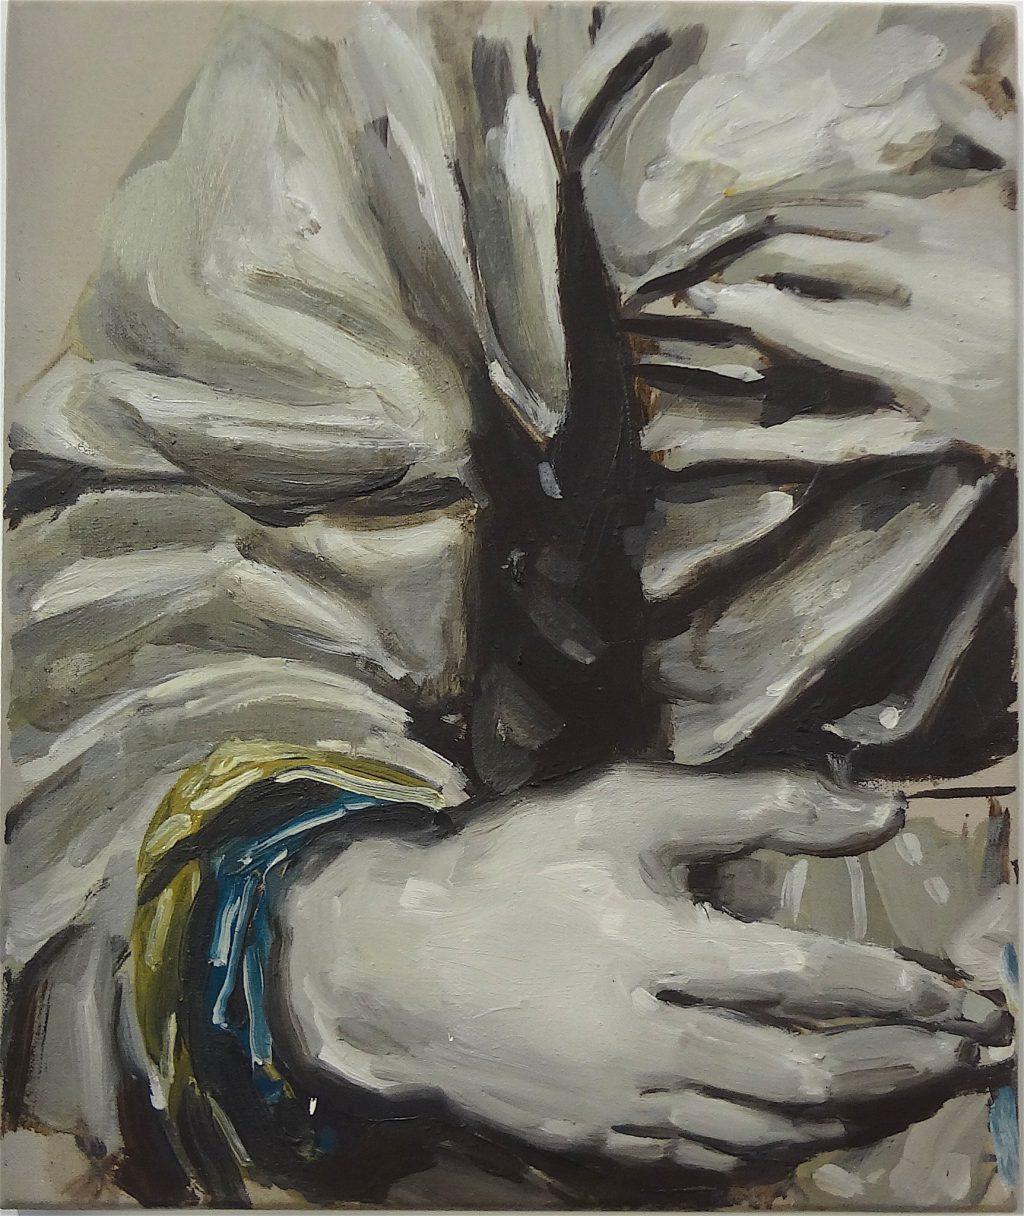 """ミヒャエル・ボレマンス Michaël Borremans """"The Prophecy"""" 1999, 50 x 42 cm, oil on canvas"""